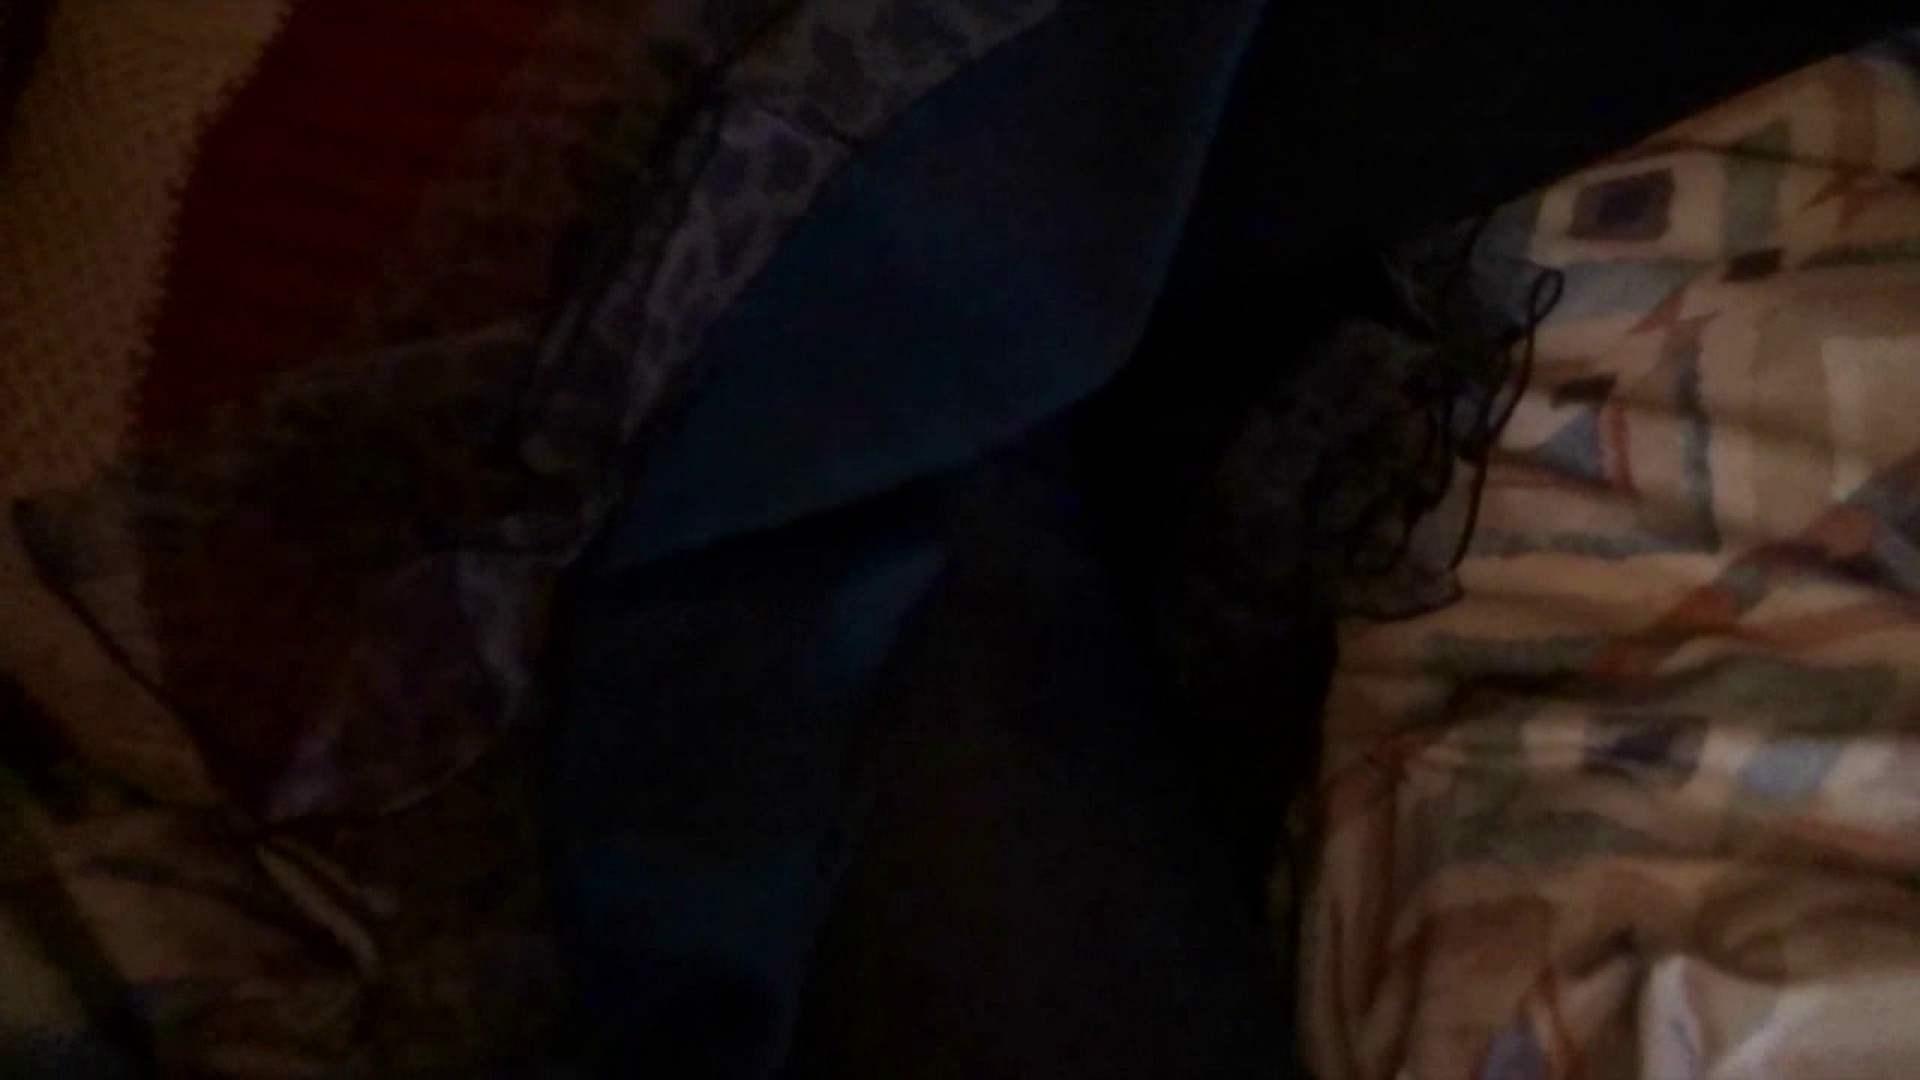 魔術師の お・も・て・な・し vol.29 女子大生のもてなし方 イタズラ 盗み撮り動画キャプチャ 103pic 29